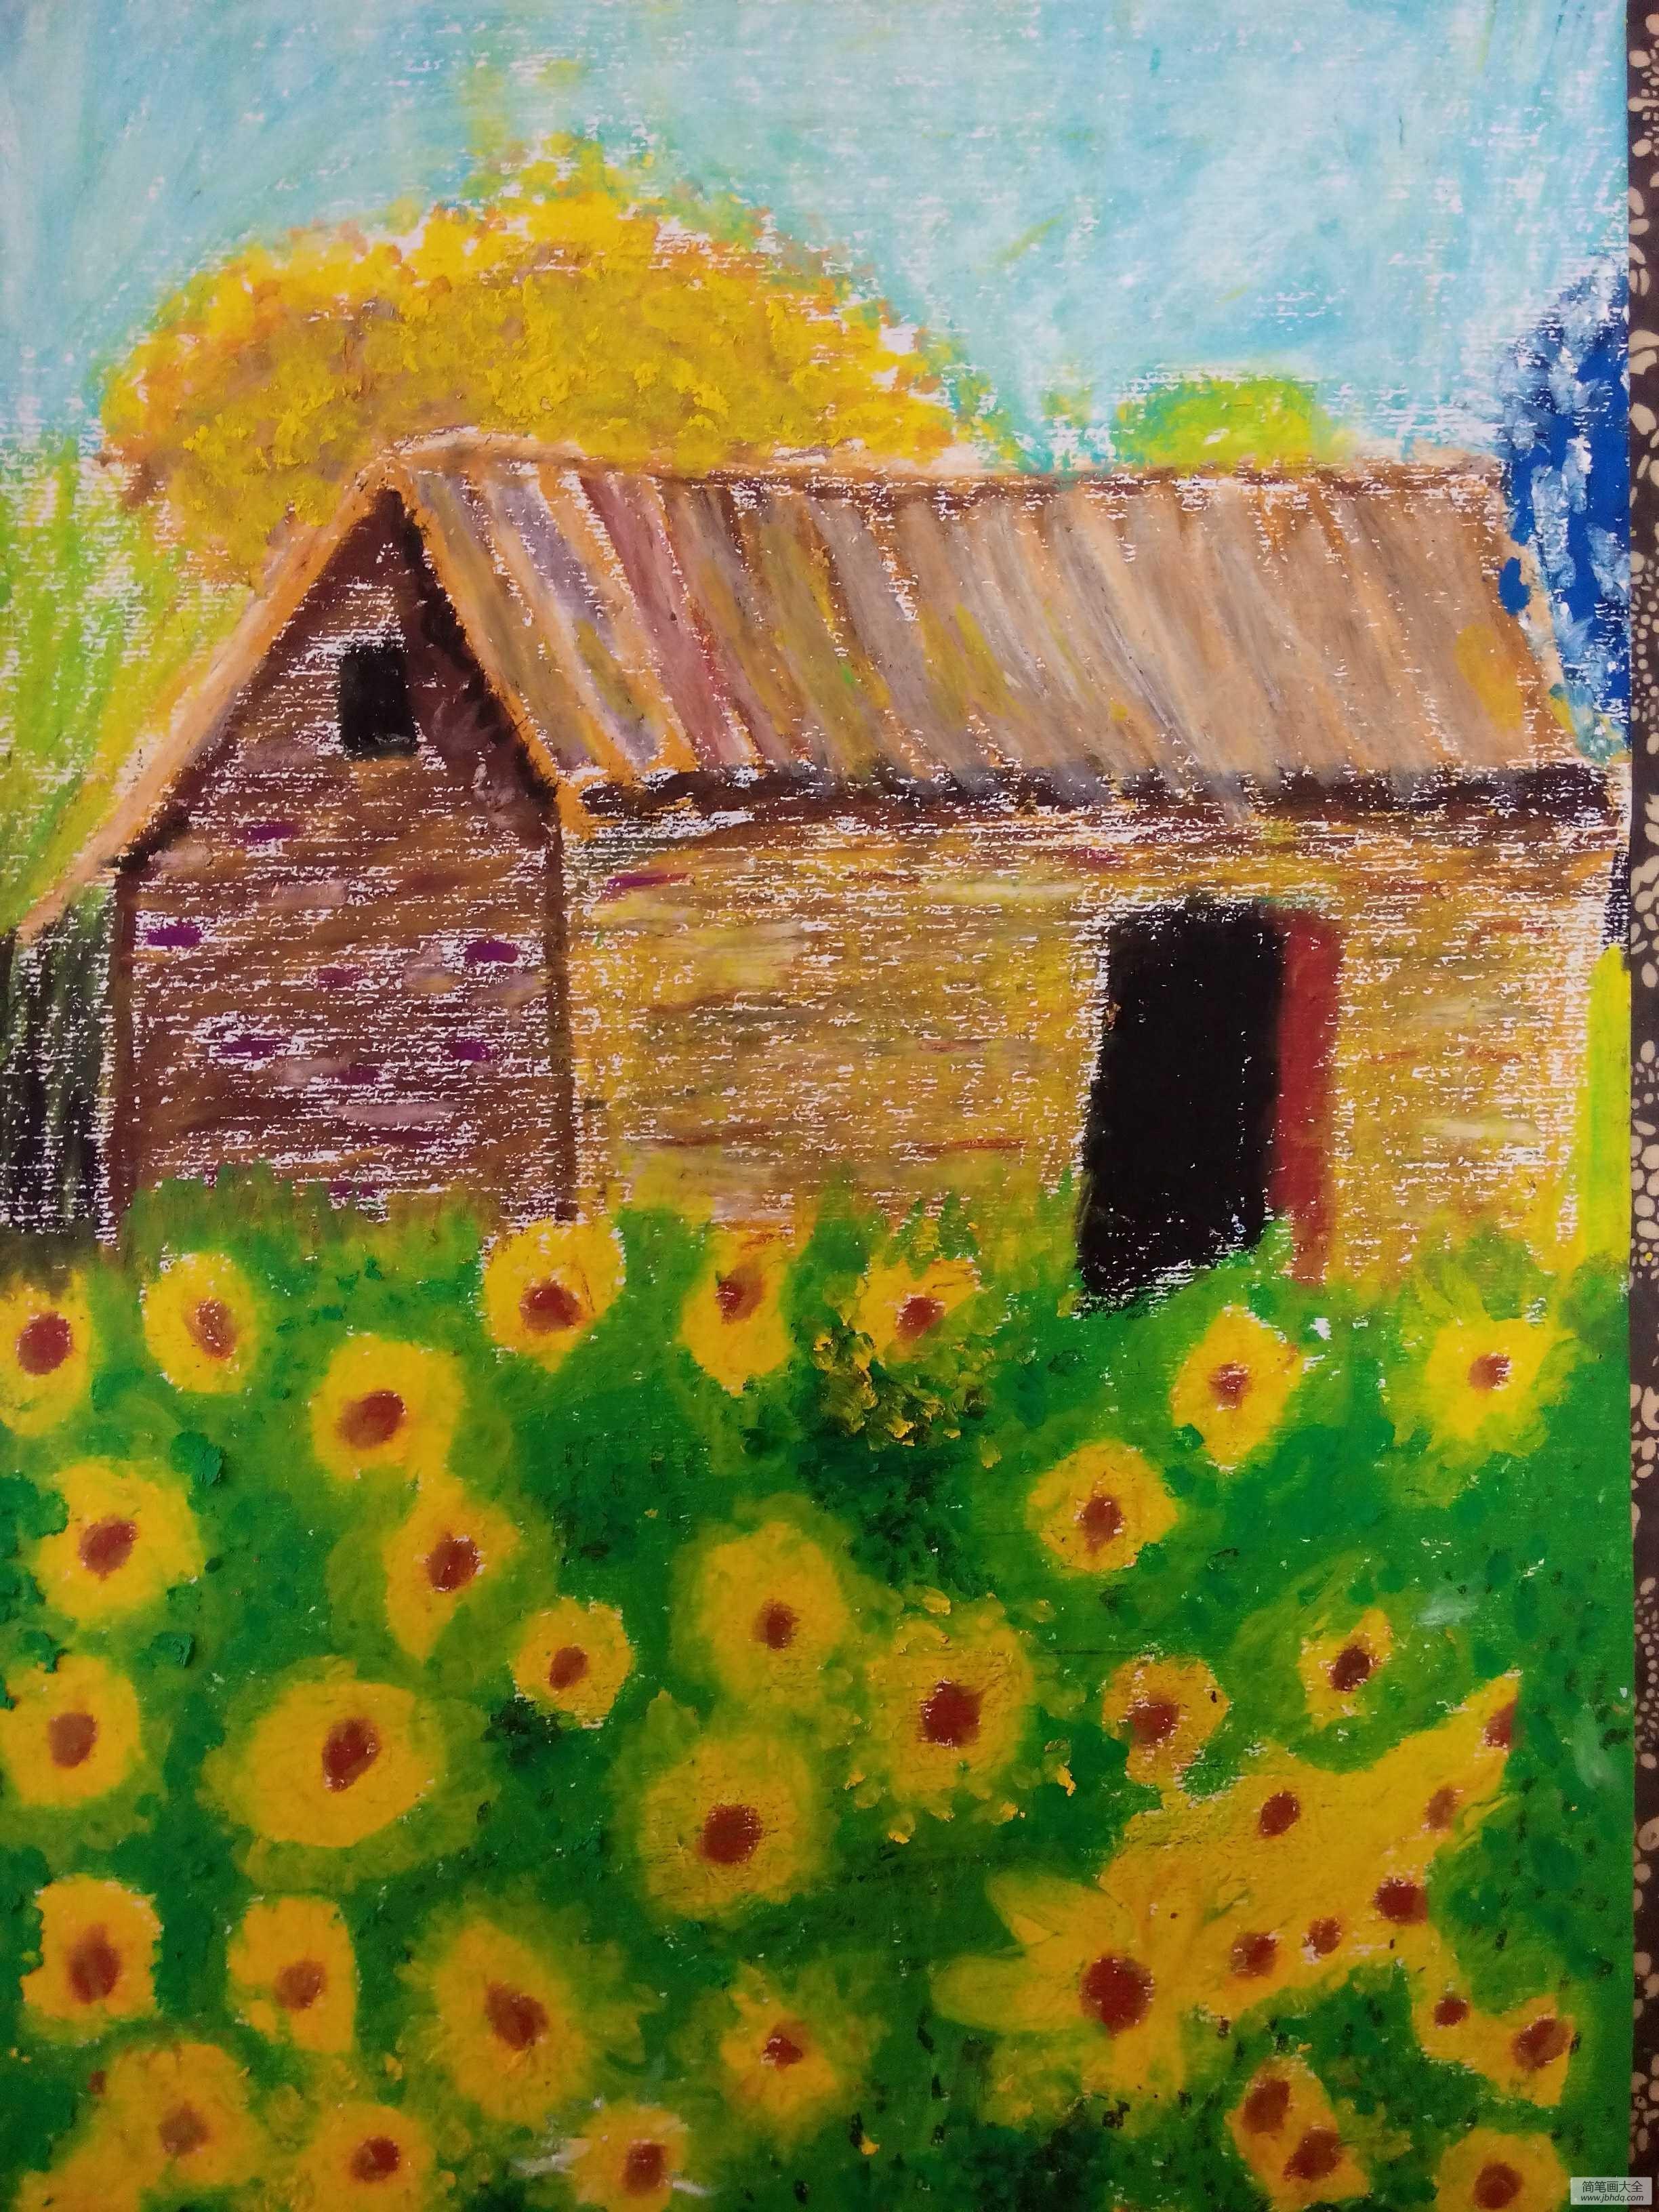 秋天的野菊花的作文_故鄉的野菊花,秋天兒童畫在線欣賞